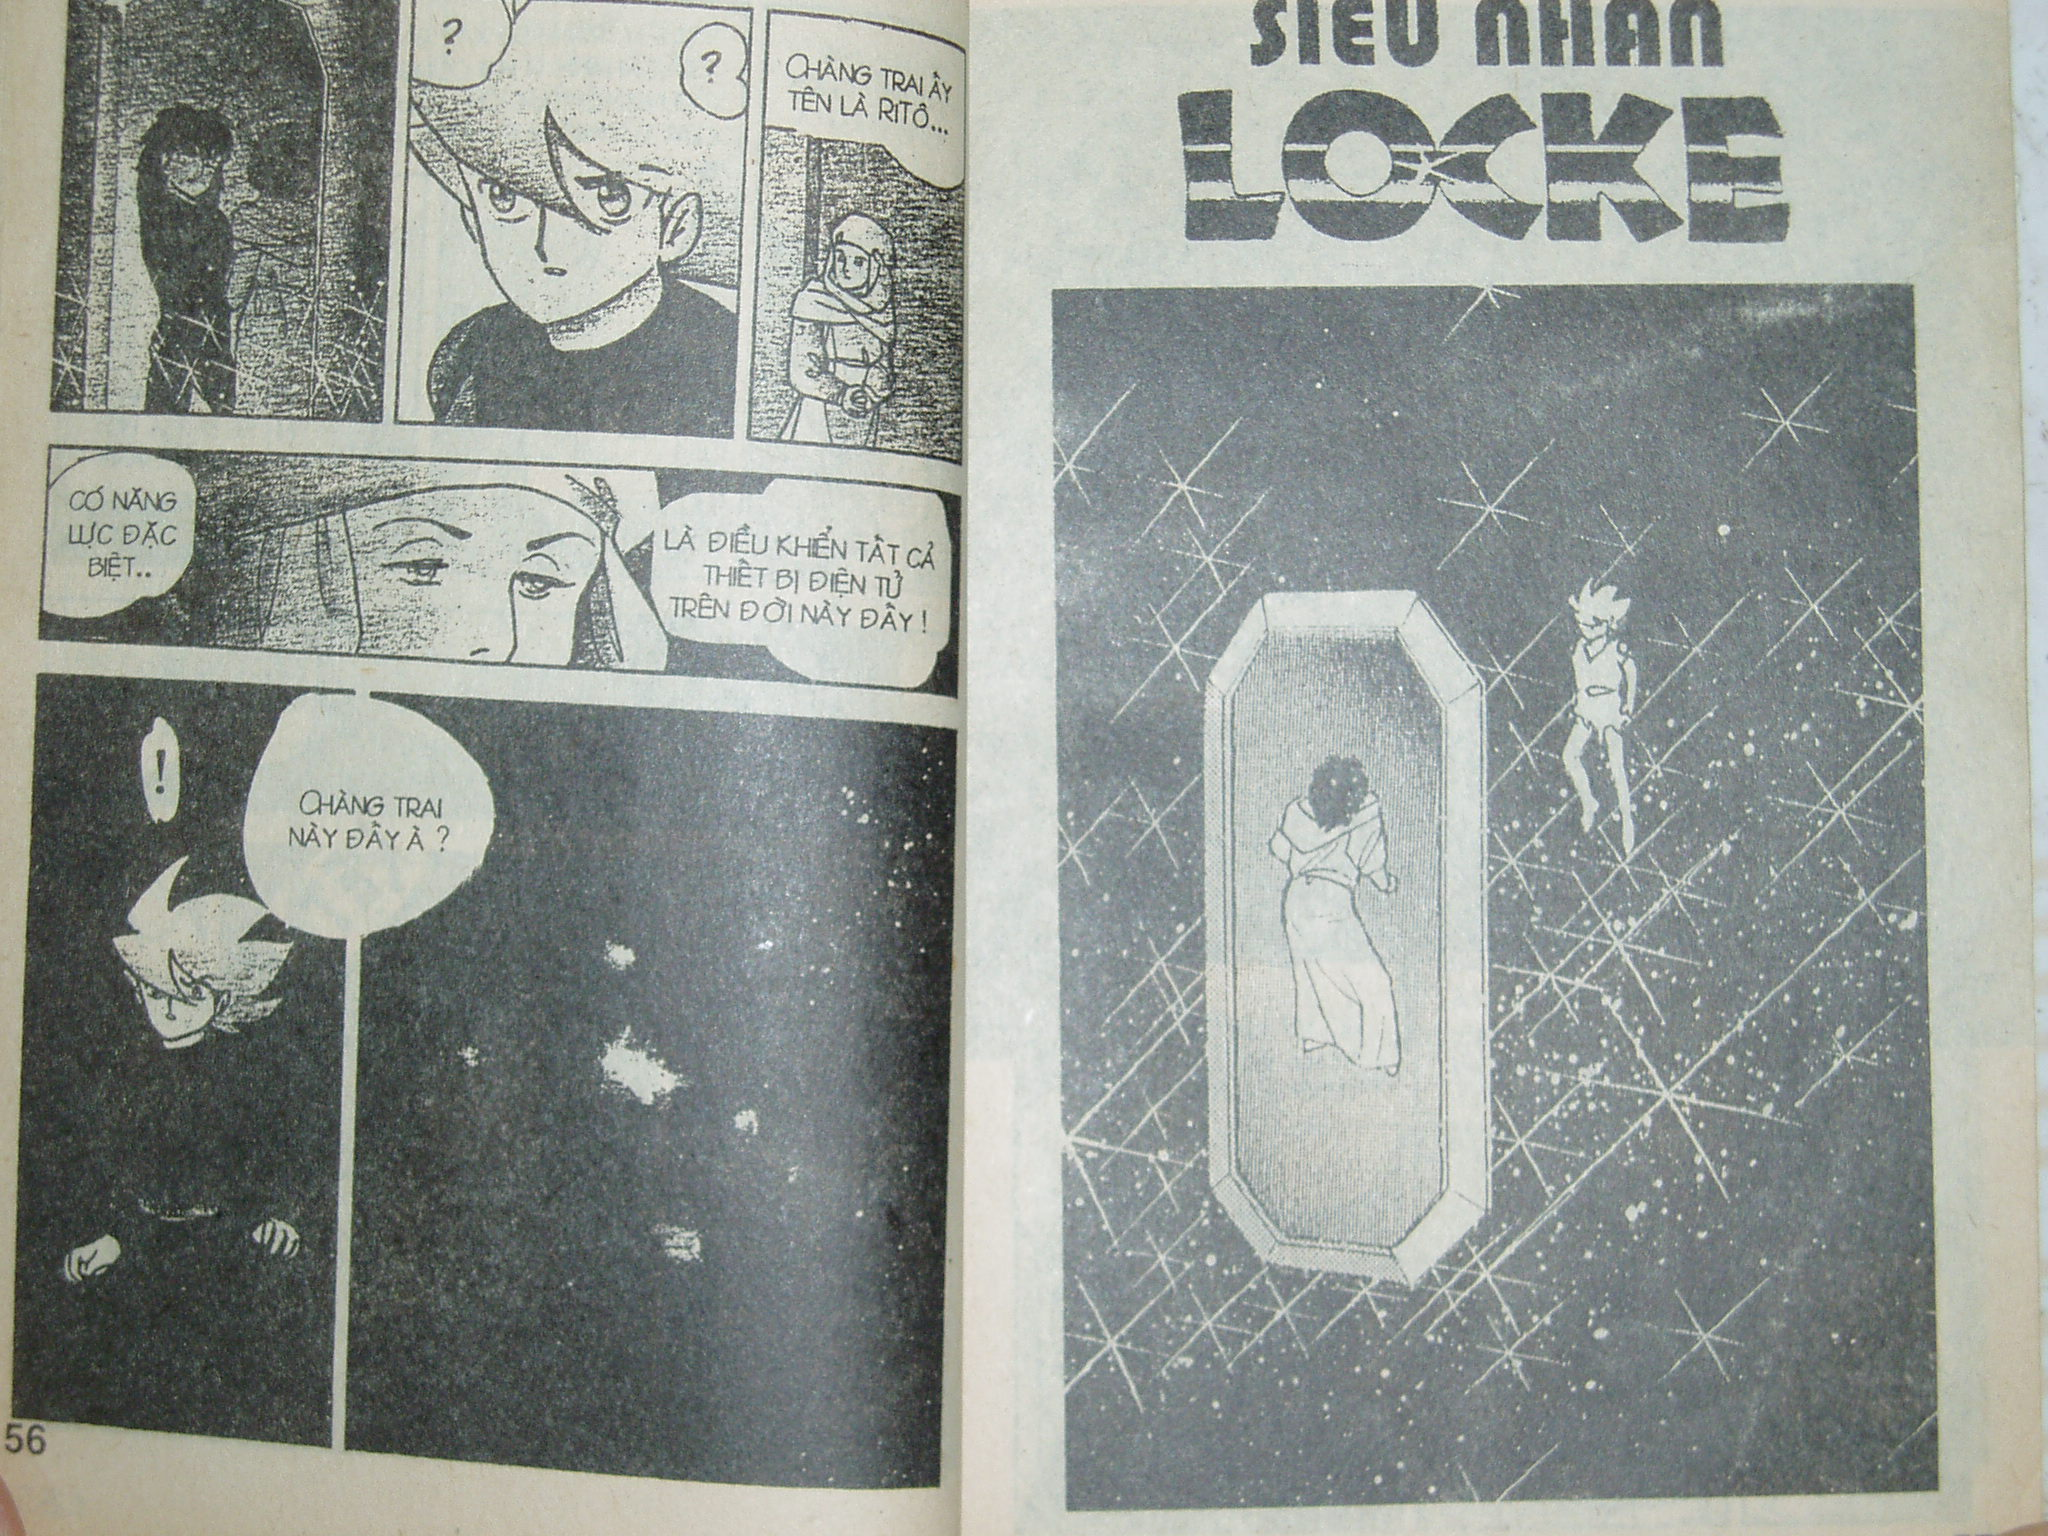 Siêu nhân Locke vol 17 trang 27